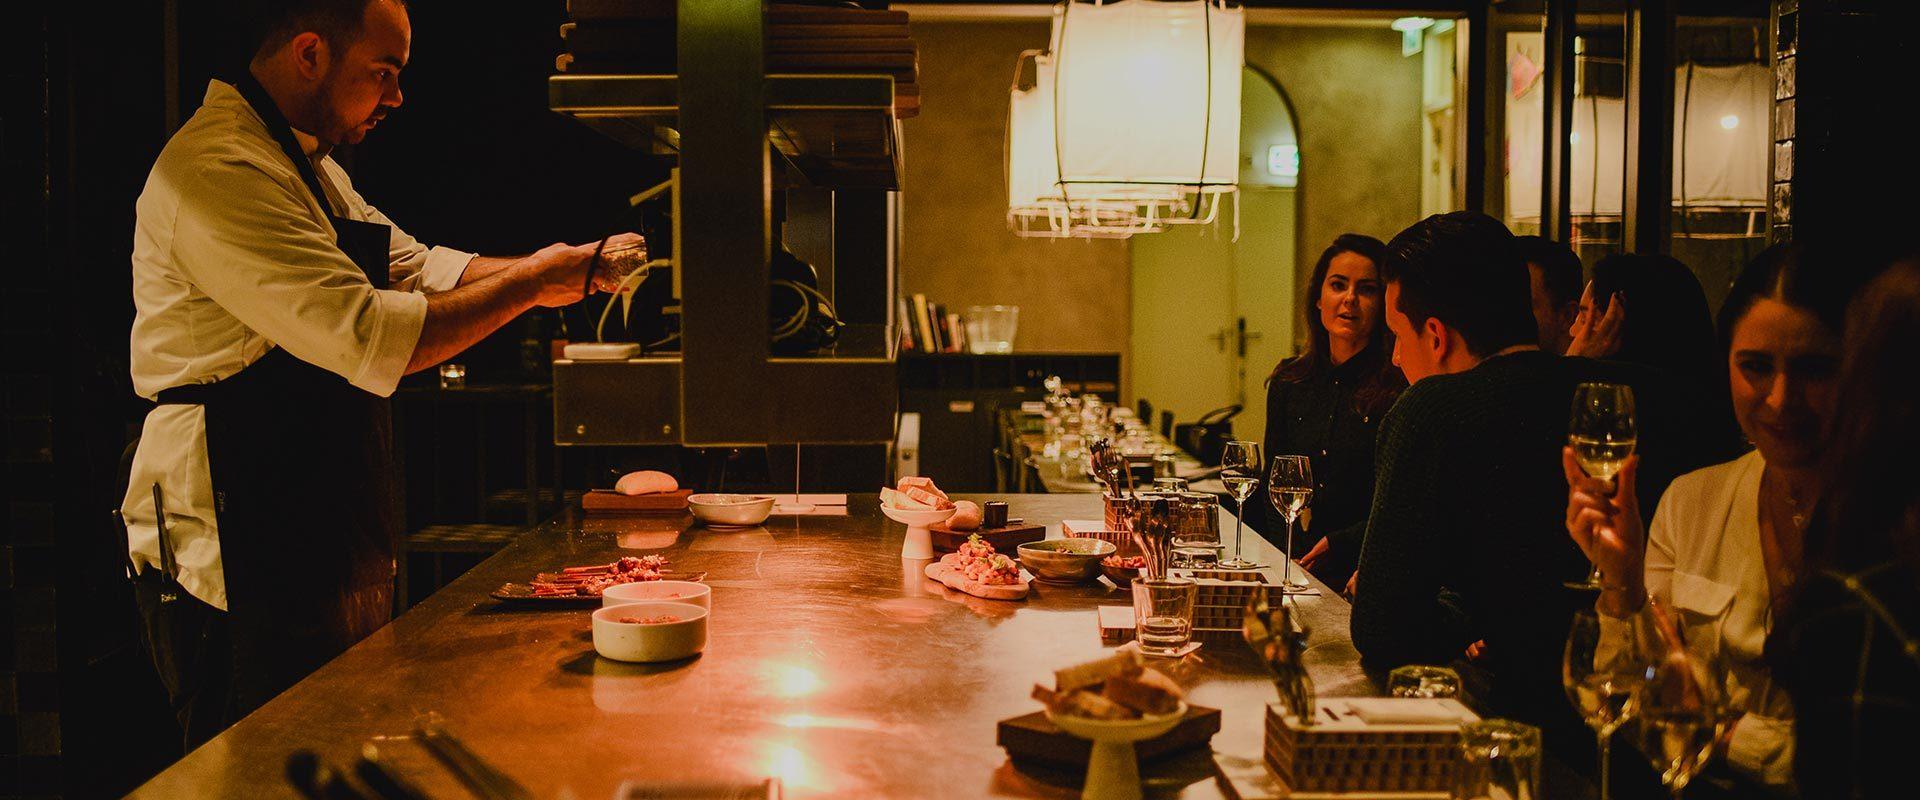 juliette-cosina-mensen-aan-de-bar